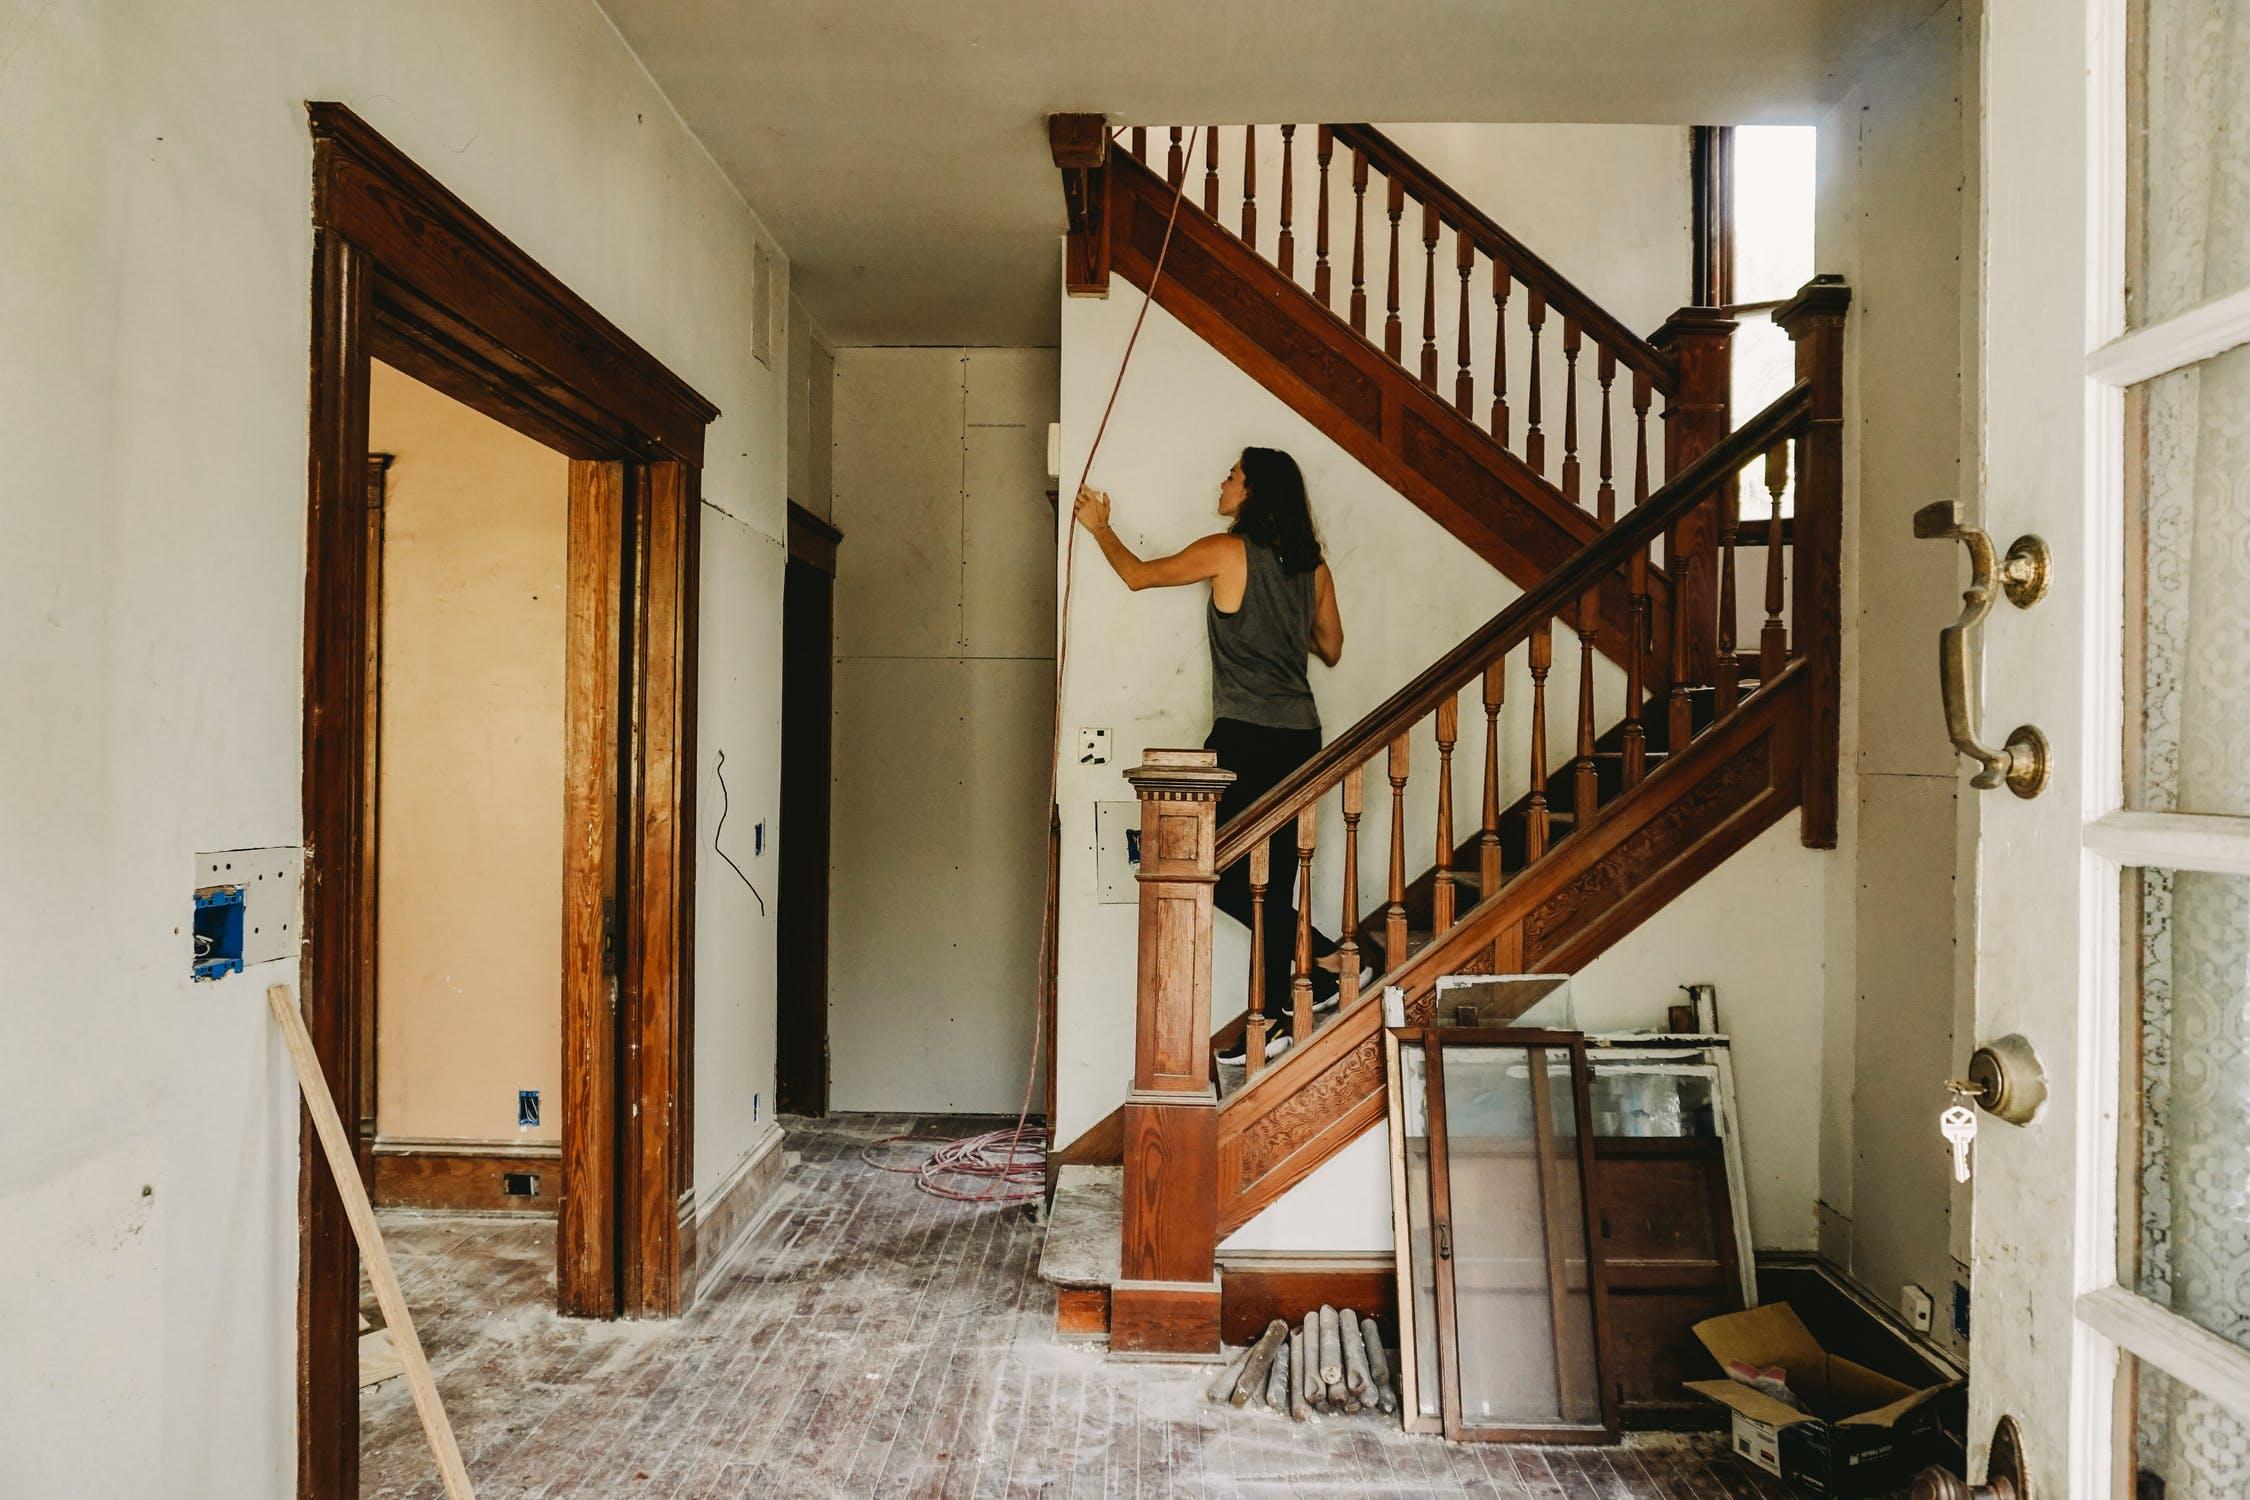 Wie entfernt man Klebereste von einer Holztreppe?